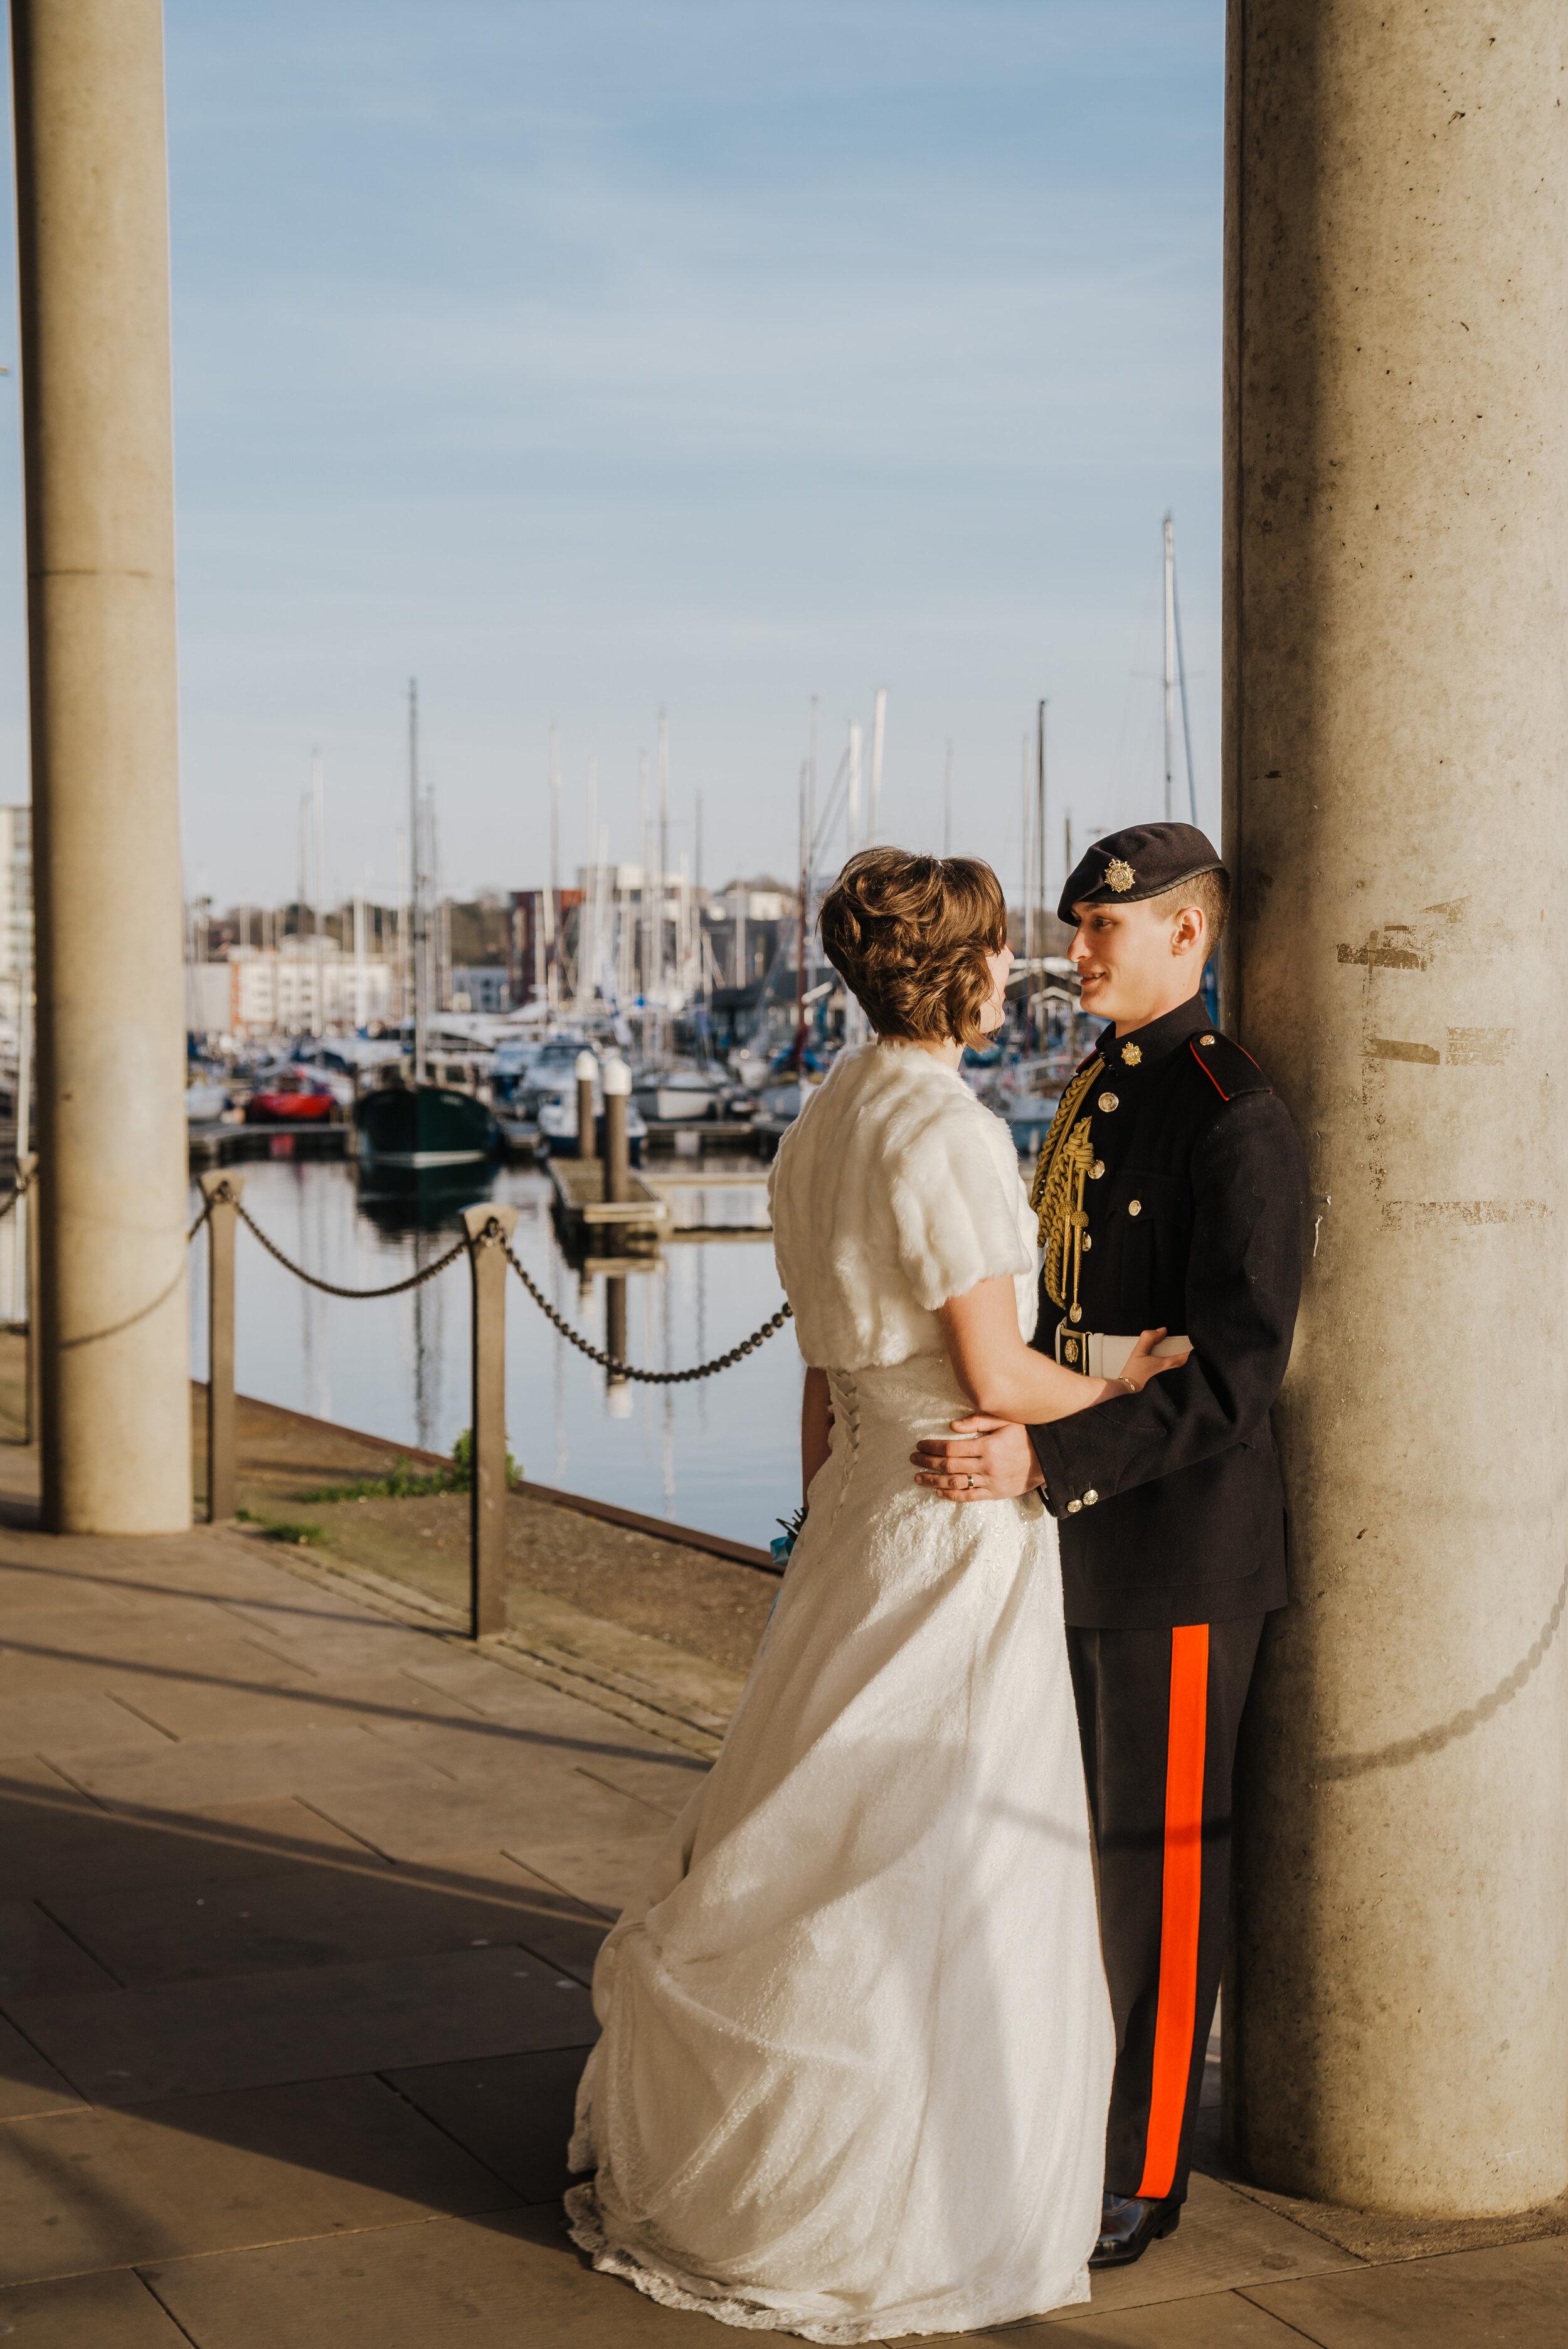 SUFFOLK_WEDDING_PHOTOGRAPHY_ISAACS_WEDDING_VENUE_WEDDINGPHOTOGRAPHERNEARME_iPSWICHWEDDINGPHOTOGRAPHER (60).jpg